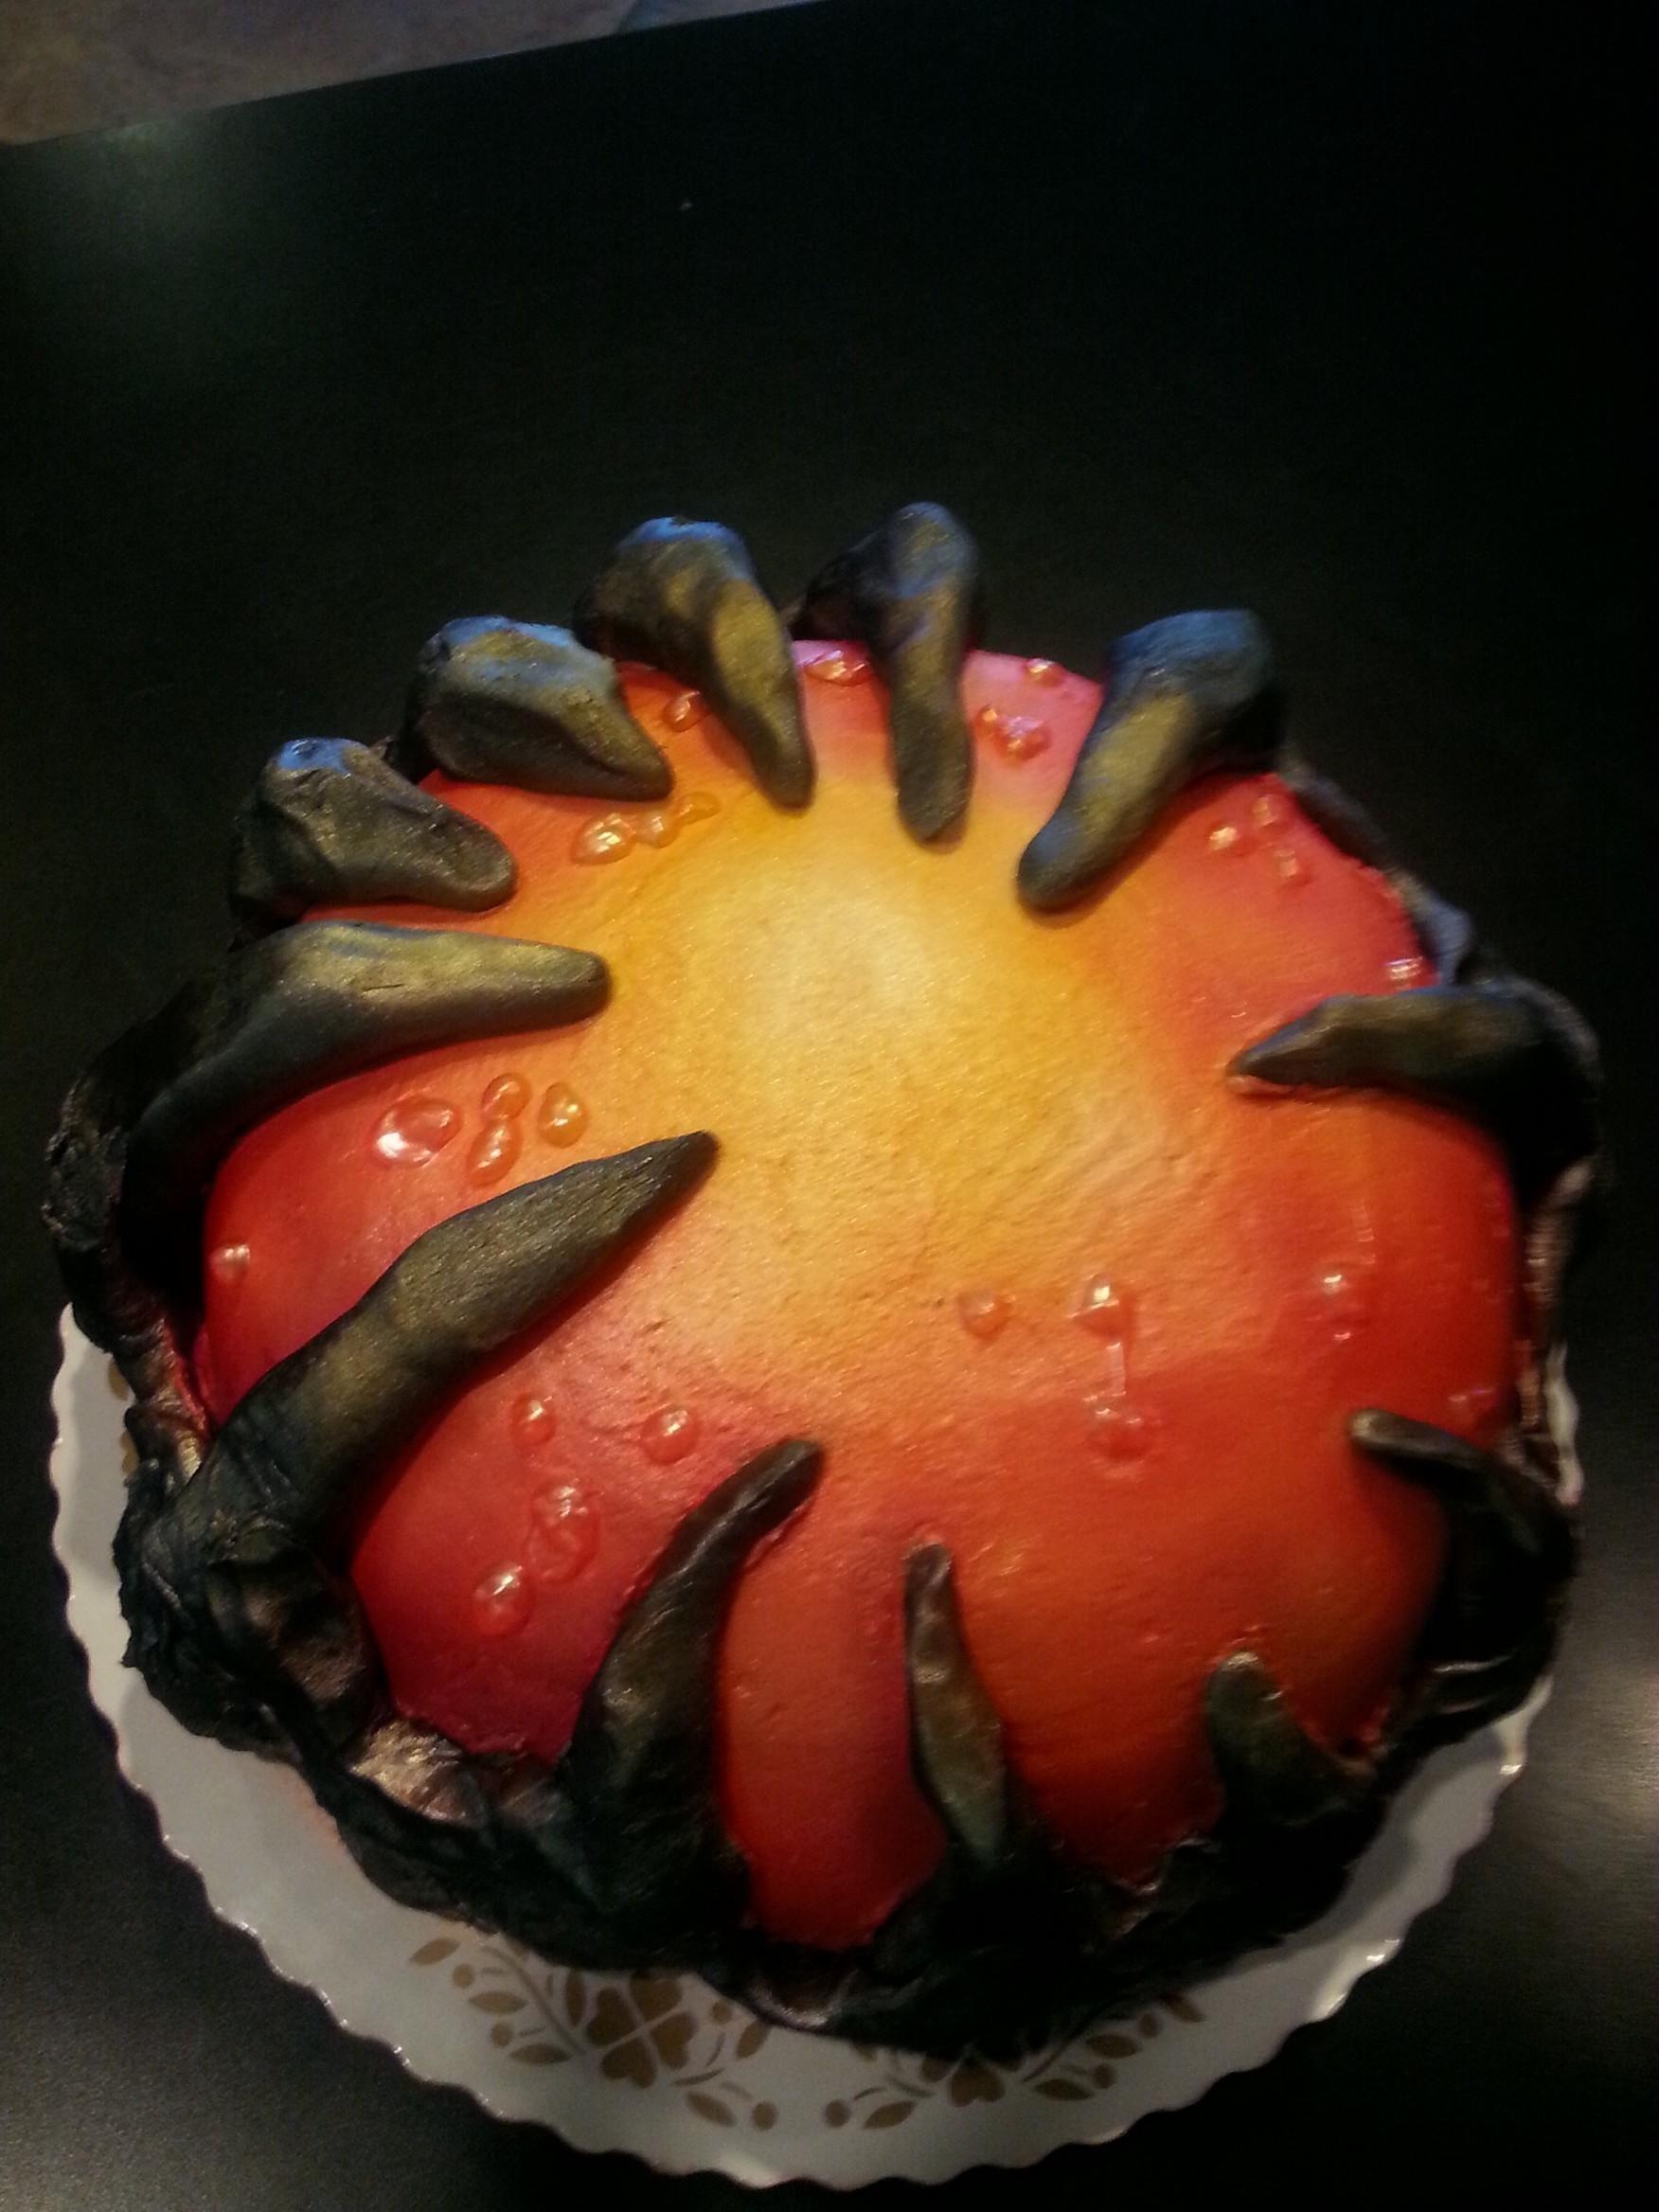 Aegis of the Immortal (Dota 2) cake